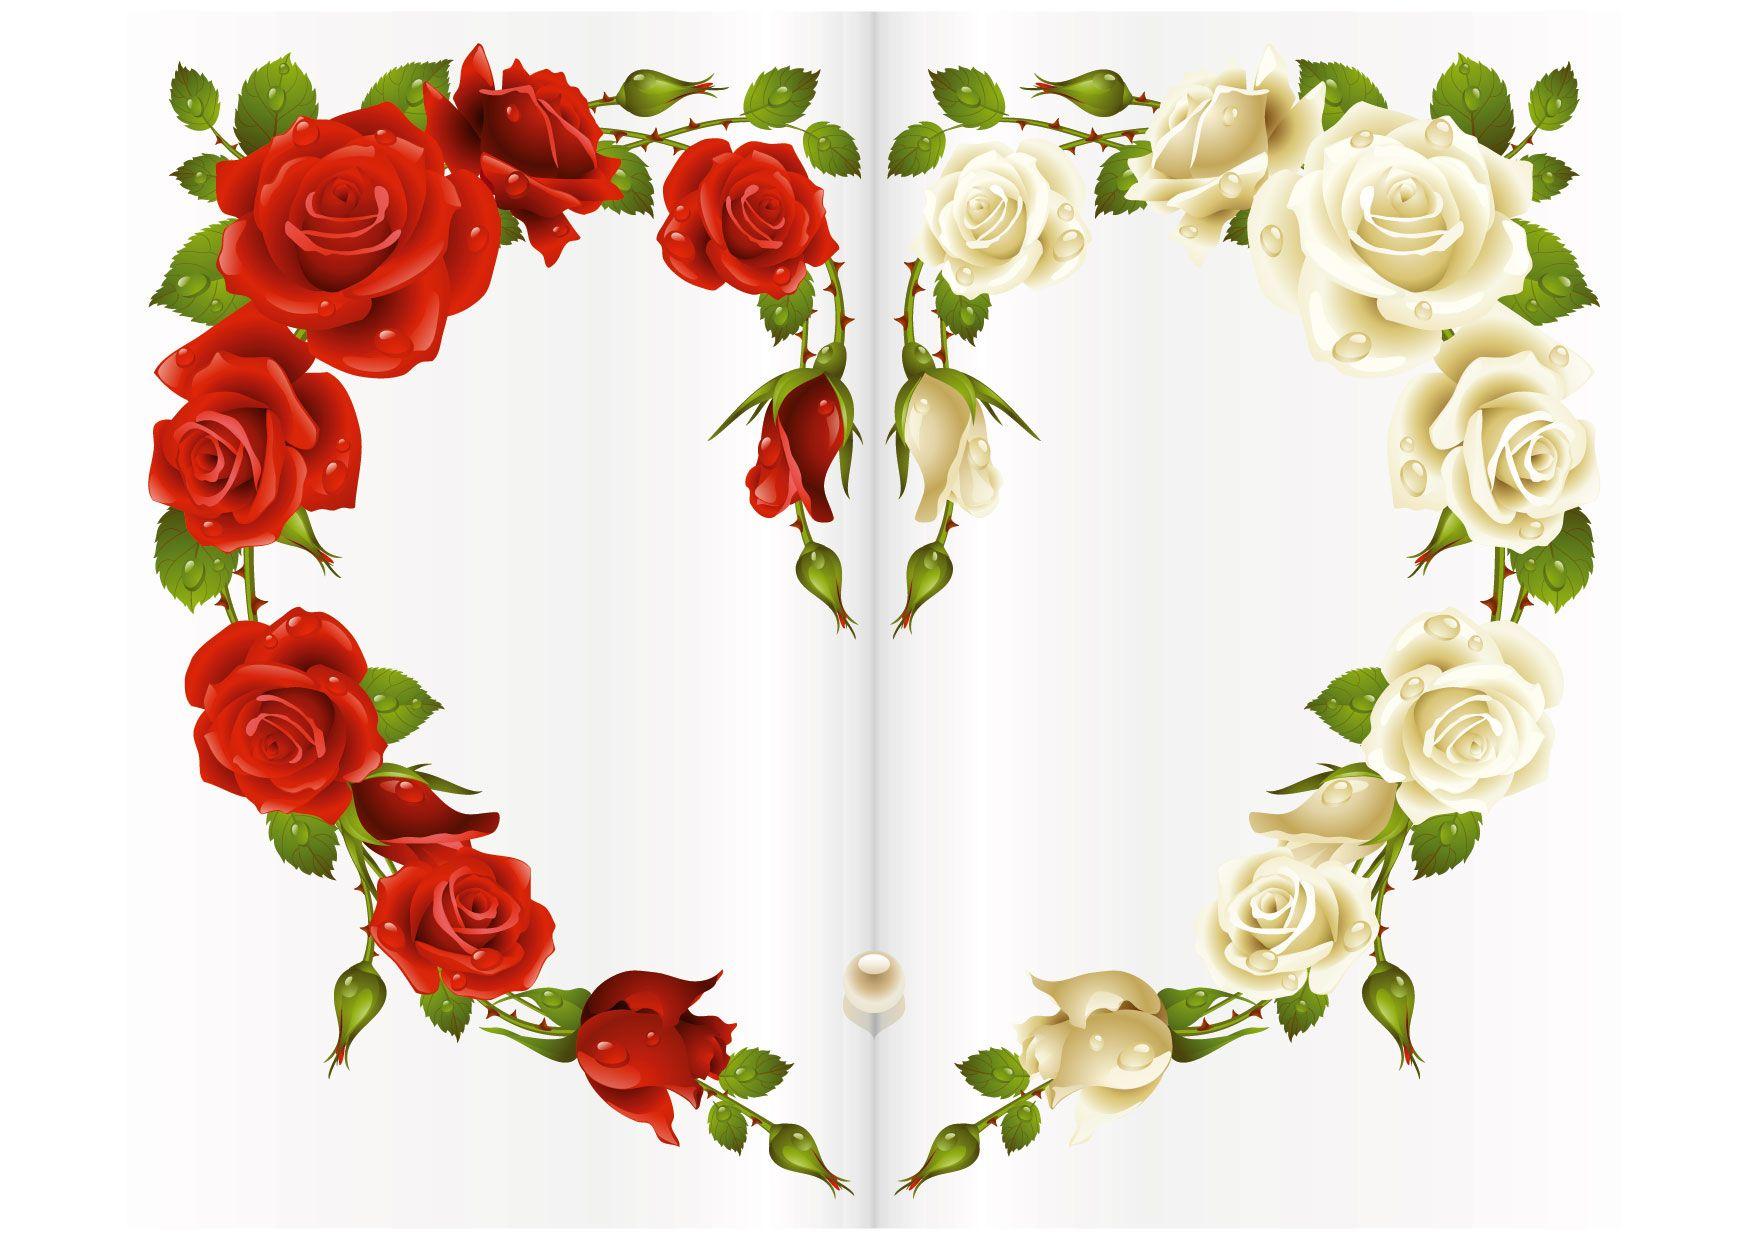 Questo biglietto cuore di rose vi sorprenderà e farà